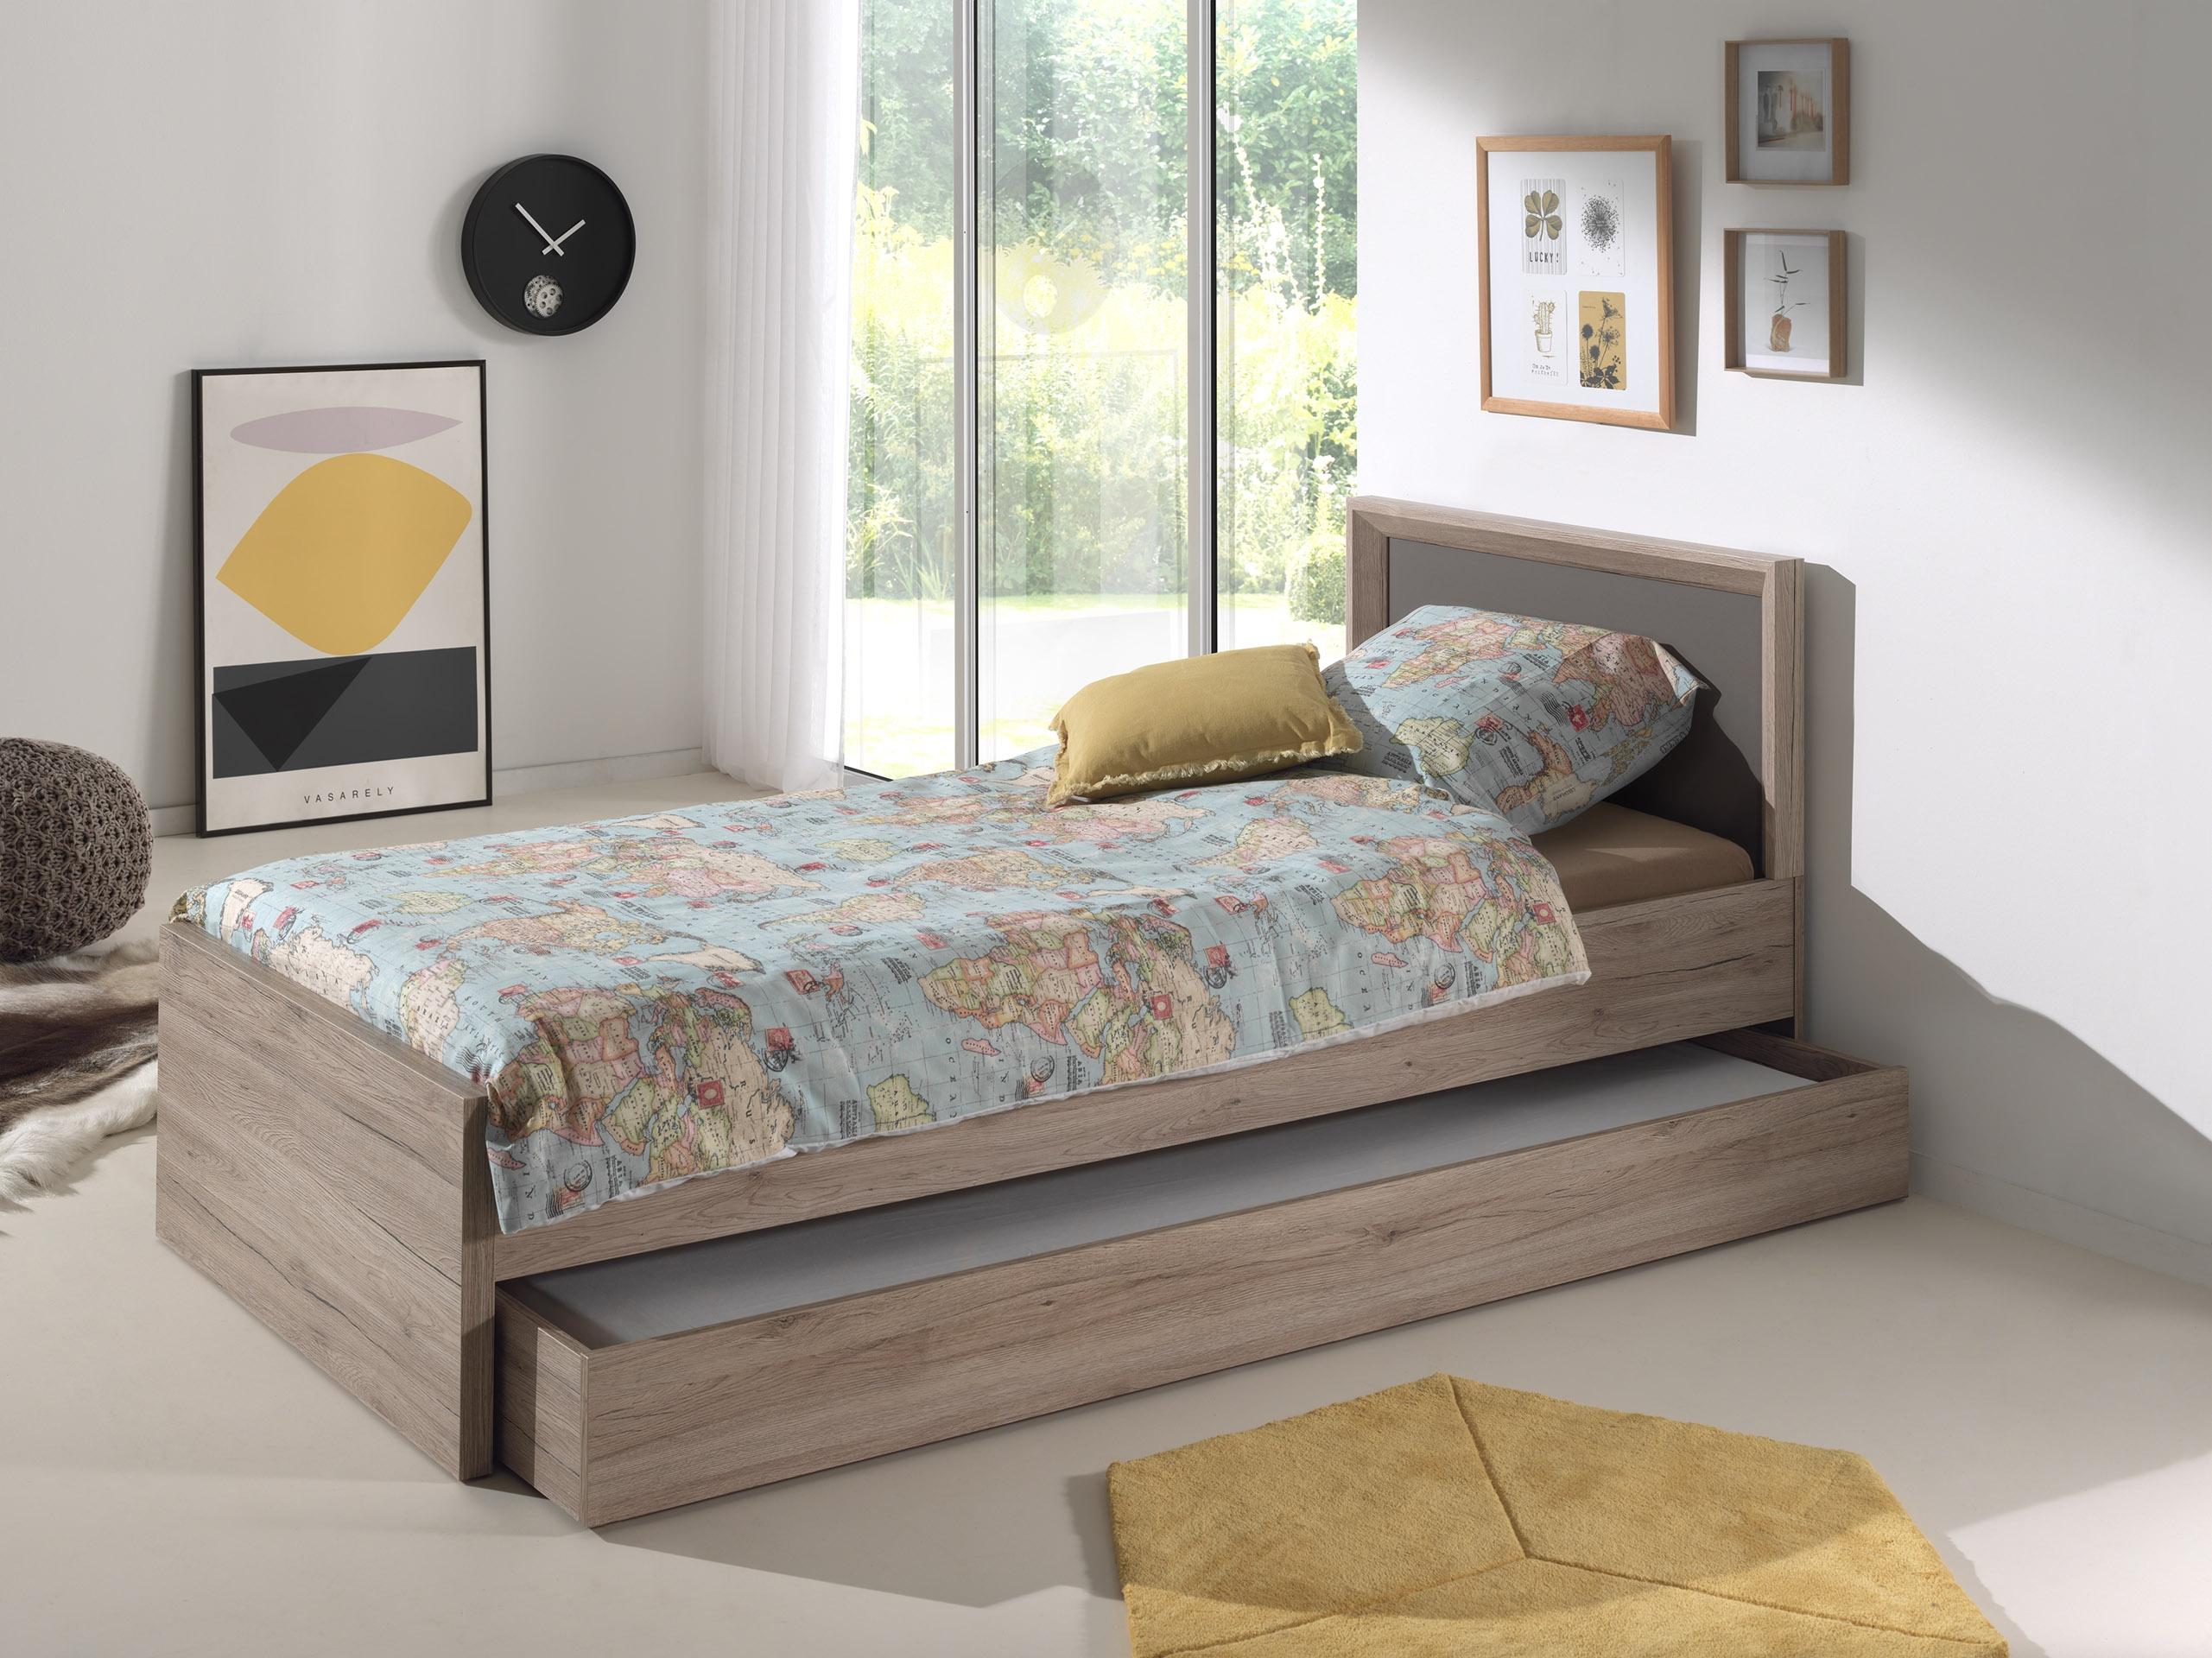 lit enfant bois naturel foresta. Black Bedroom Furniture Sets. Home Design Ideas